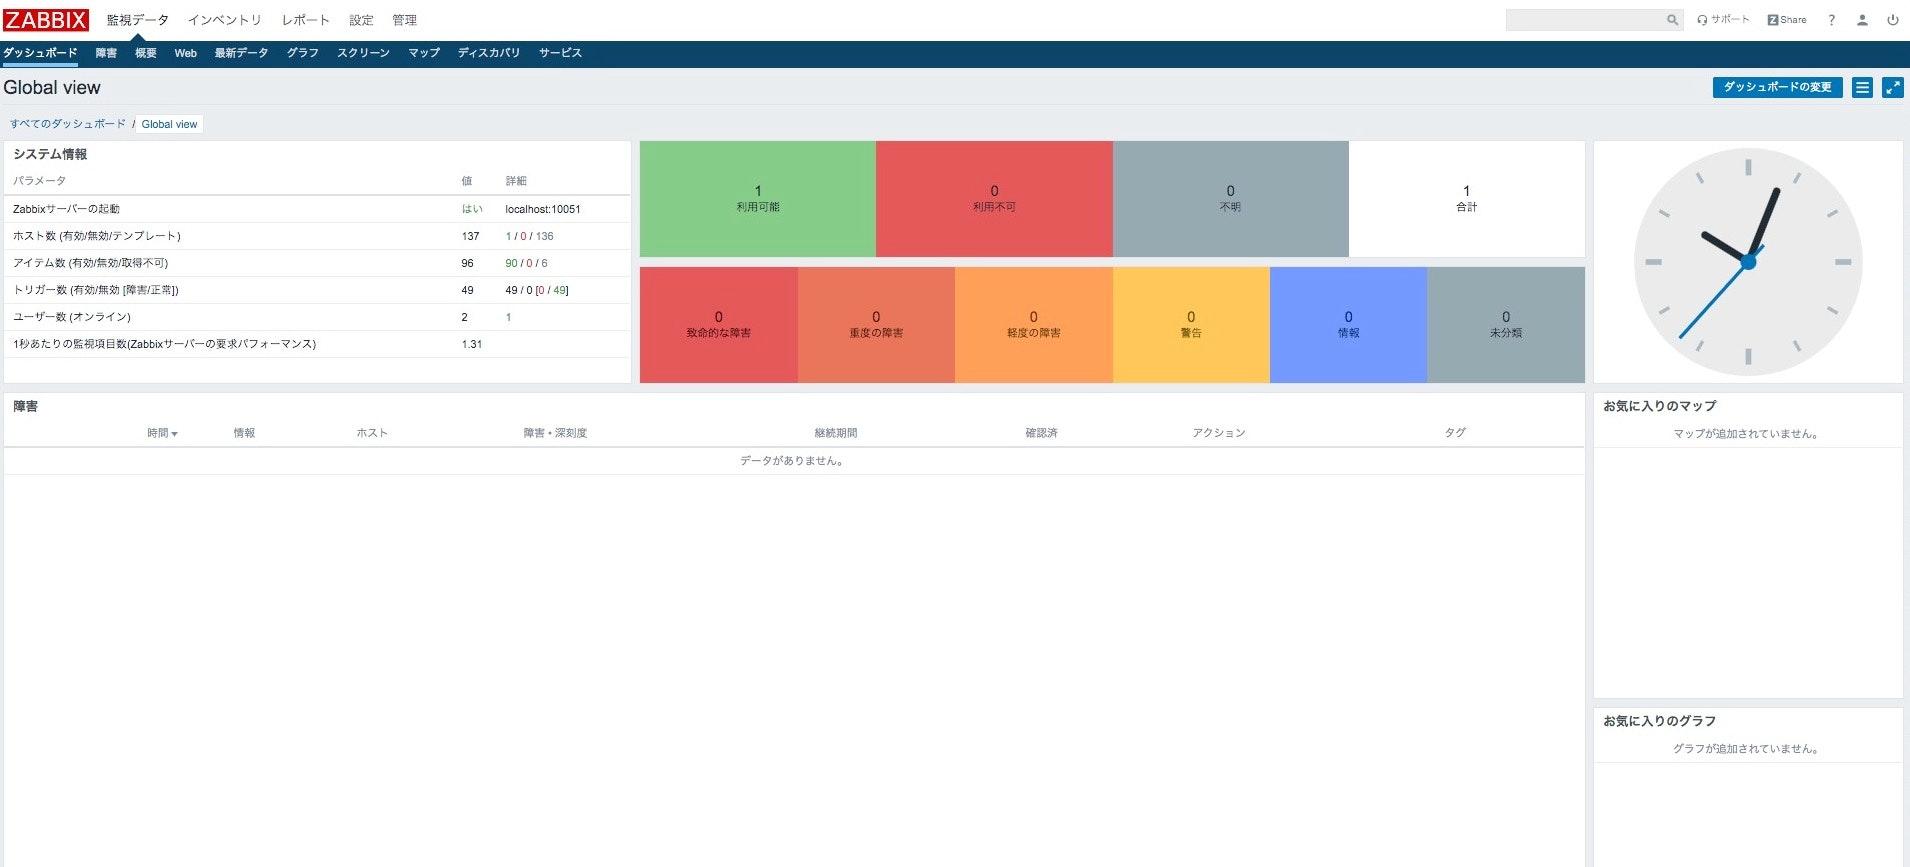 スクリーンショット 2020-07-03 22.03.38(2).jpg